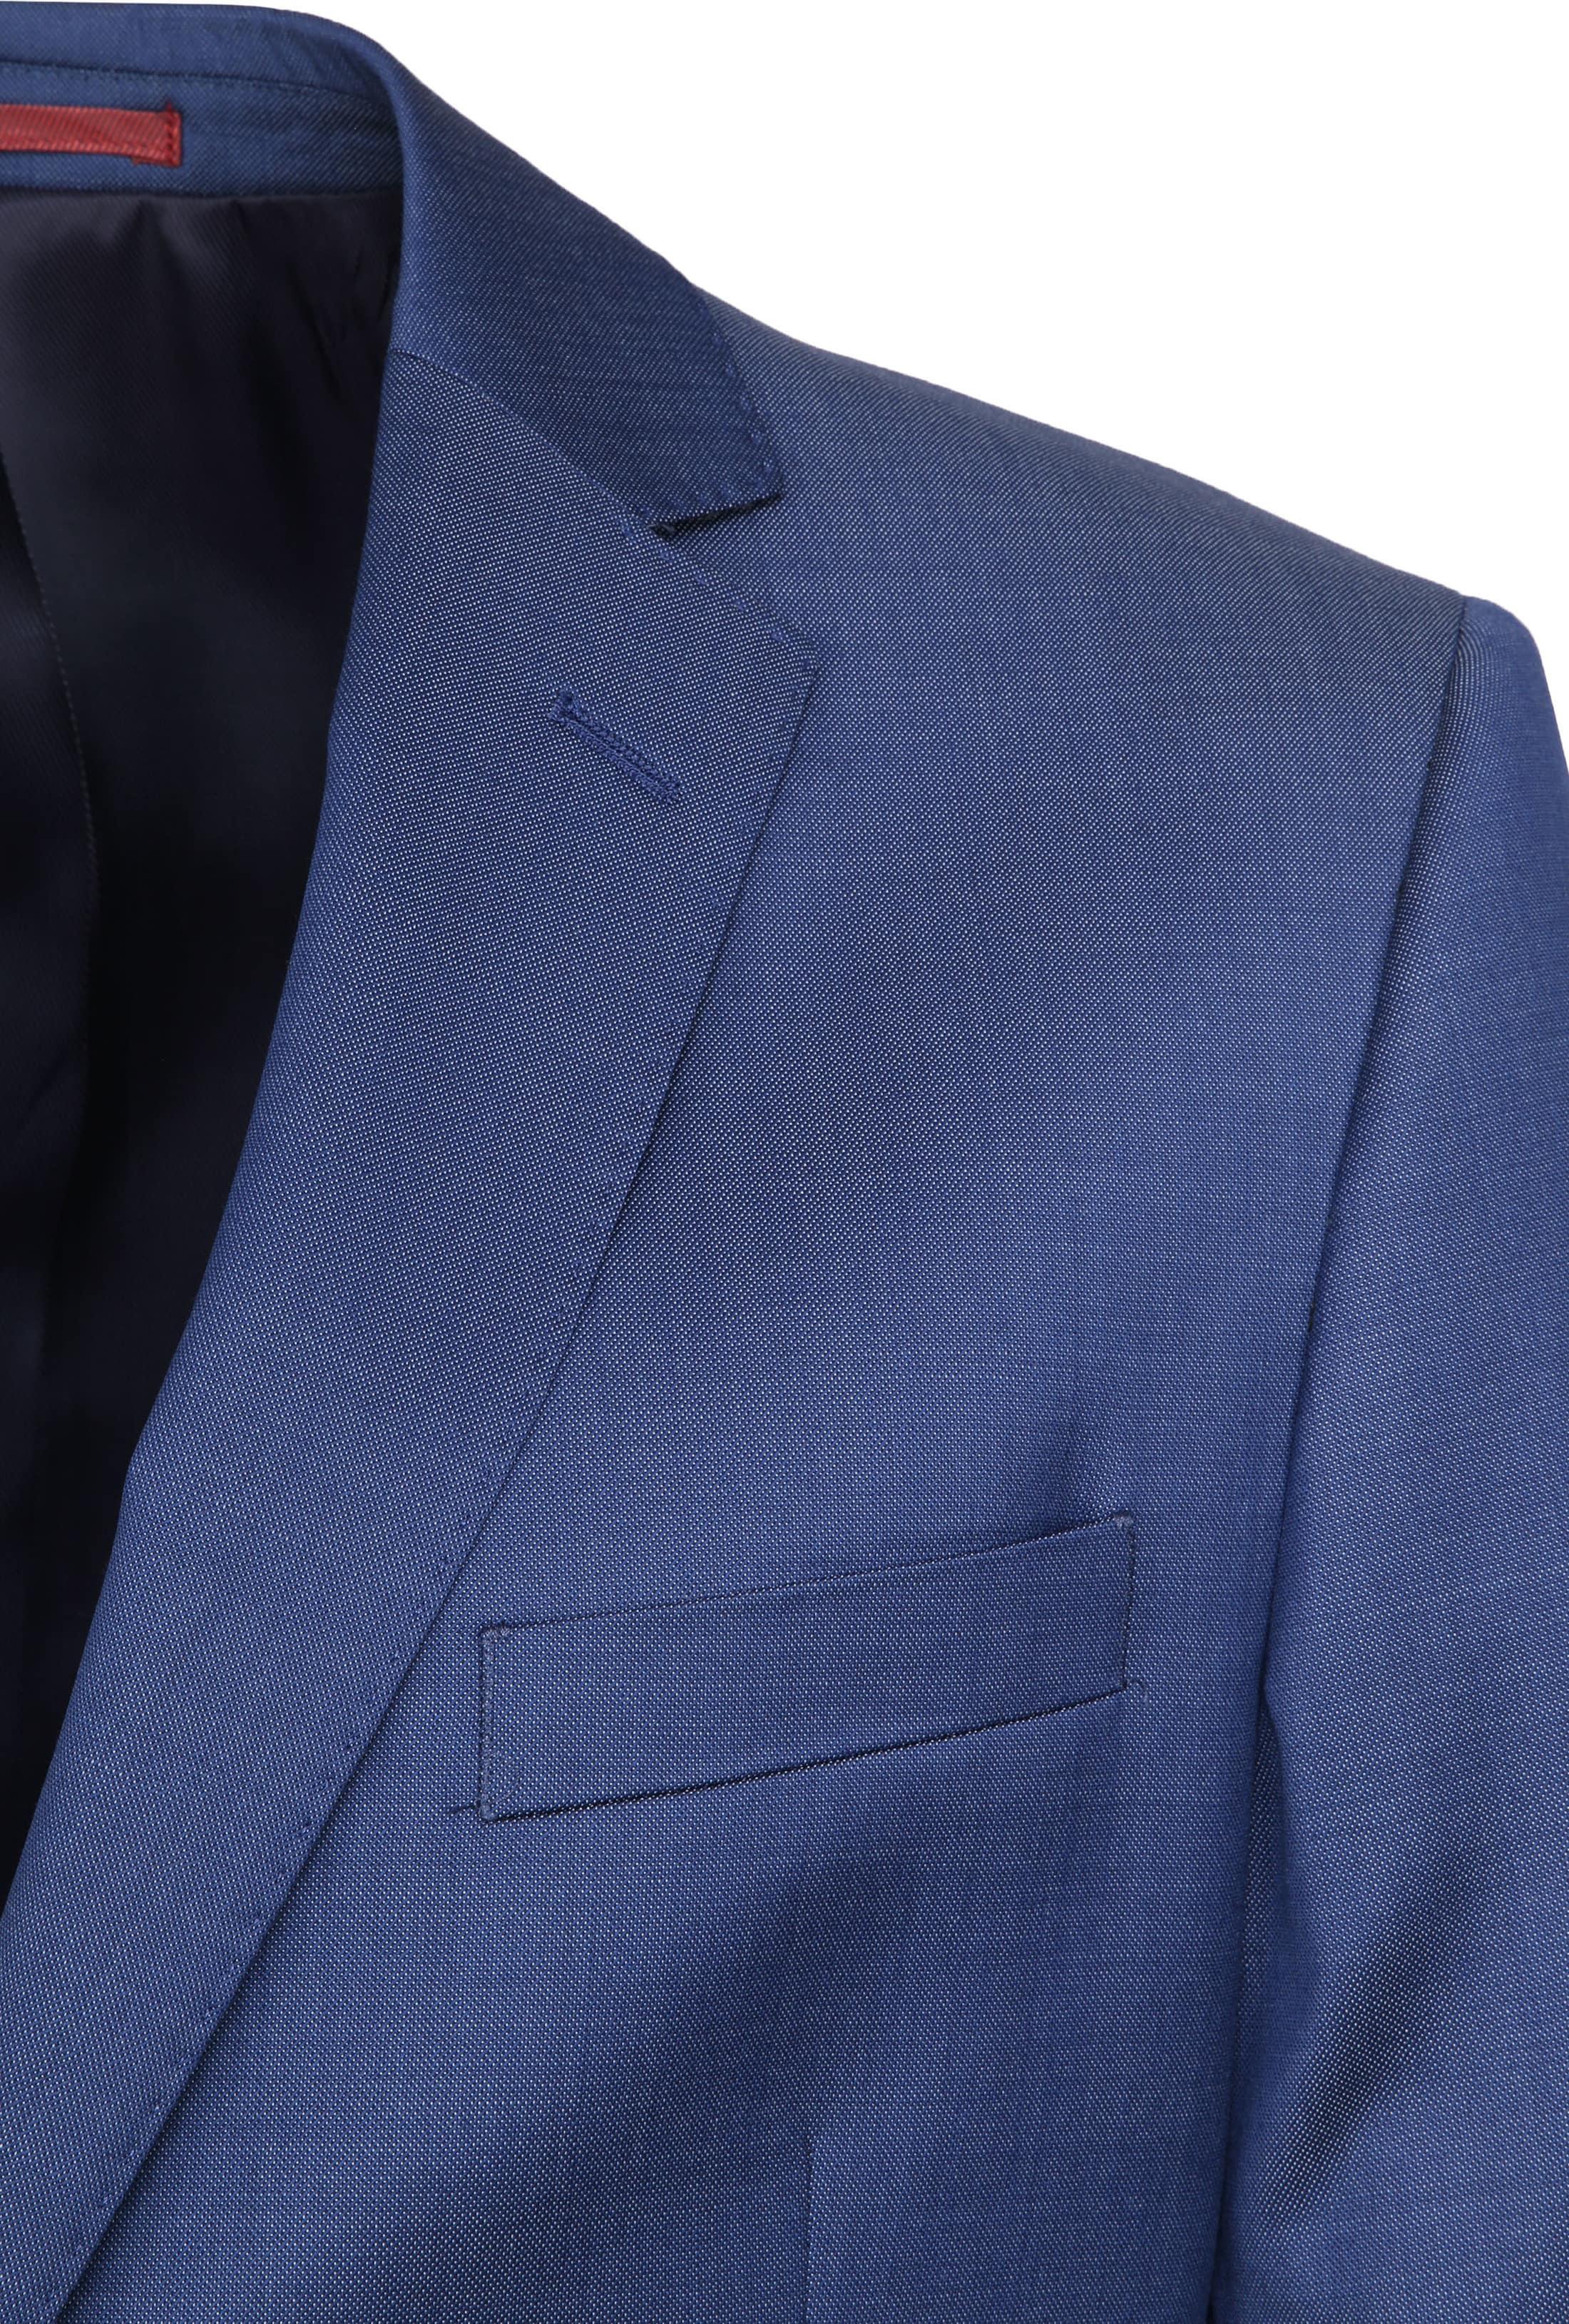 Suitable Suit Lucius Lyon Blue foto 2